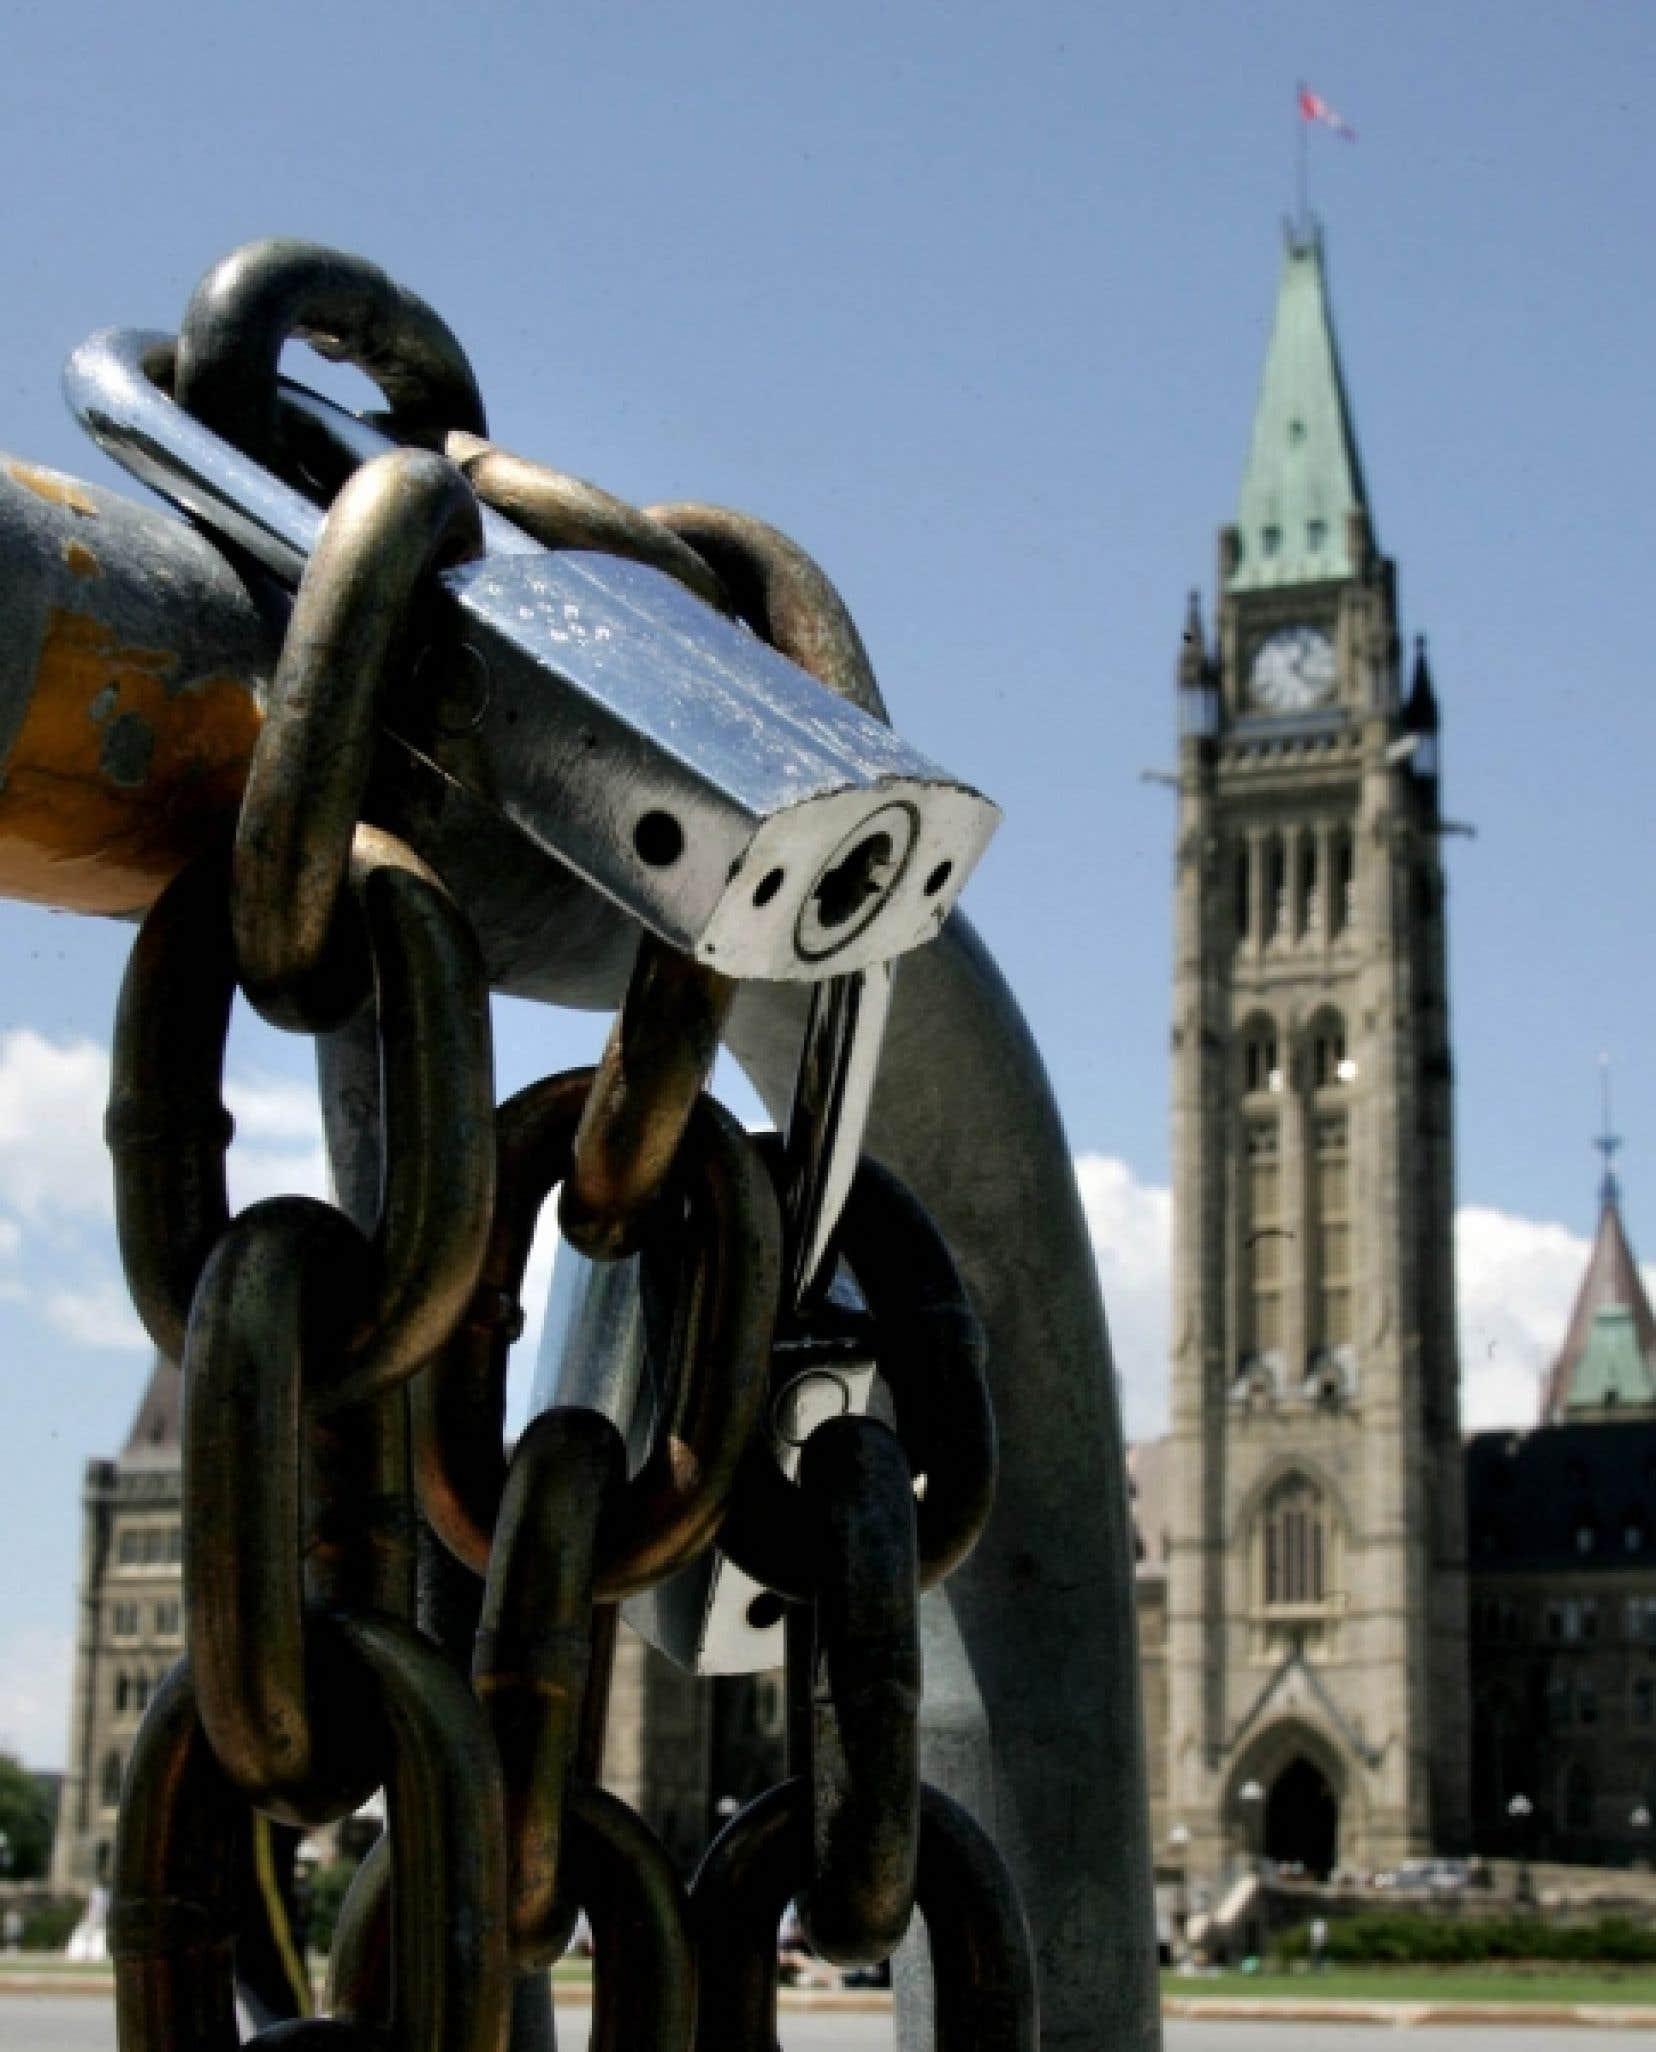 Lorsqu'il était dans l'opposition, Stephen Harper était un champion de la transparence et en avait même fait un des thèmes de sa campagne de 2006. Les temps ont changé et le Canada fait désormais figure de cancre en matière de transparence gouvernementale.